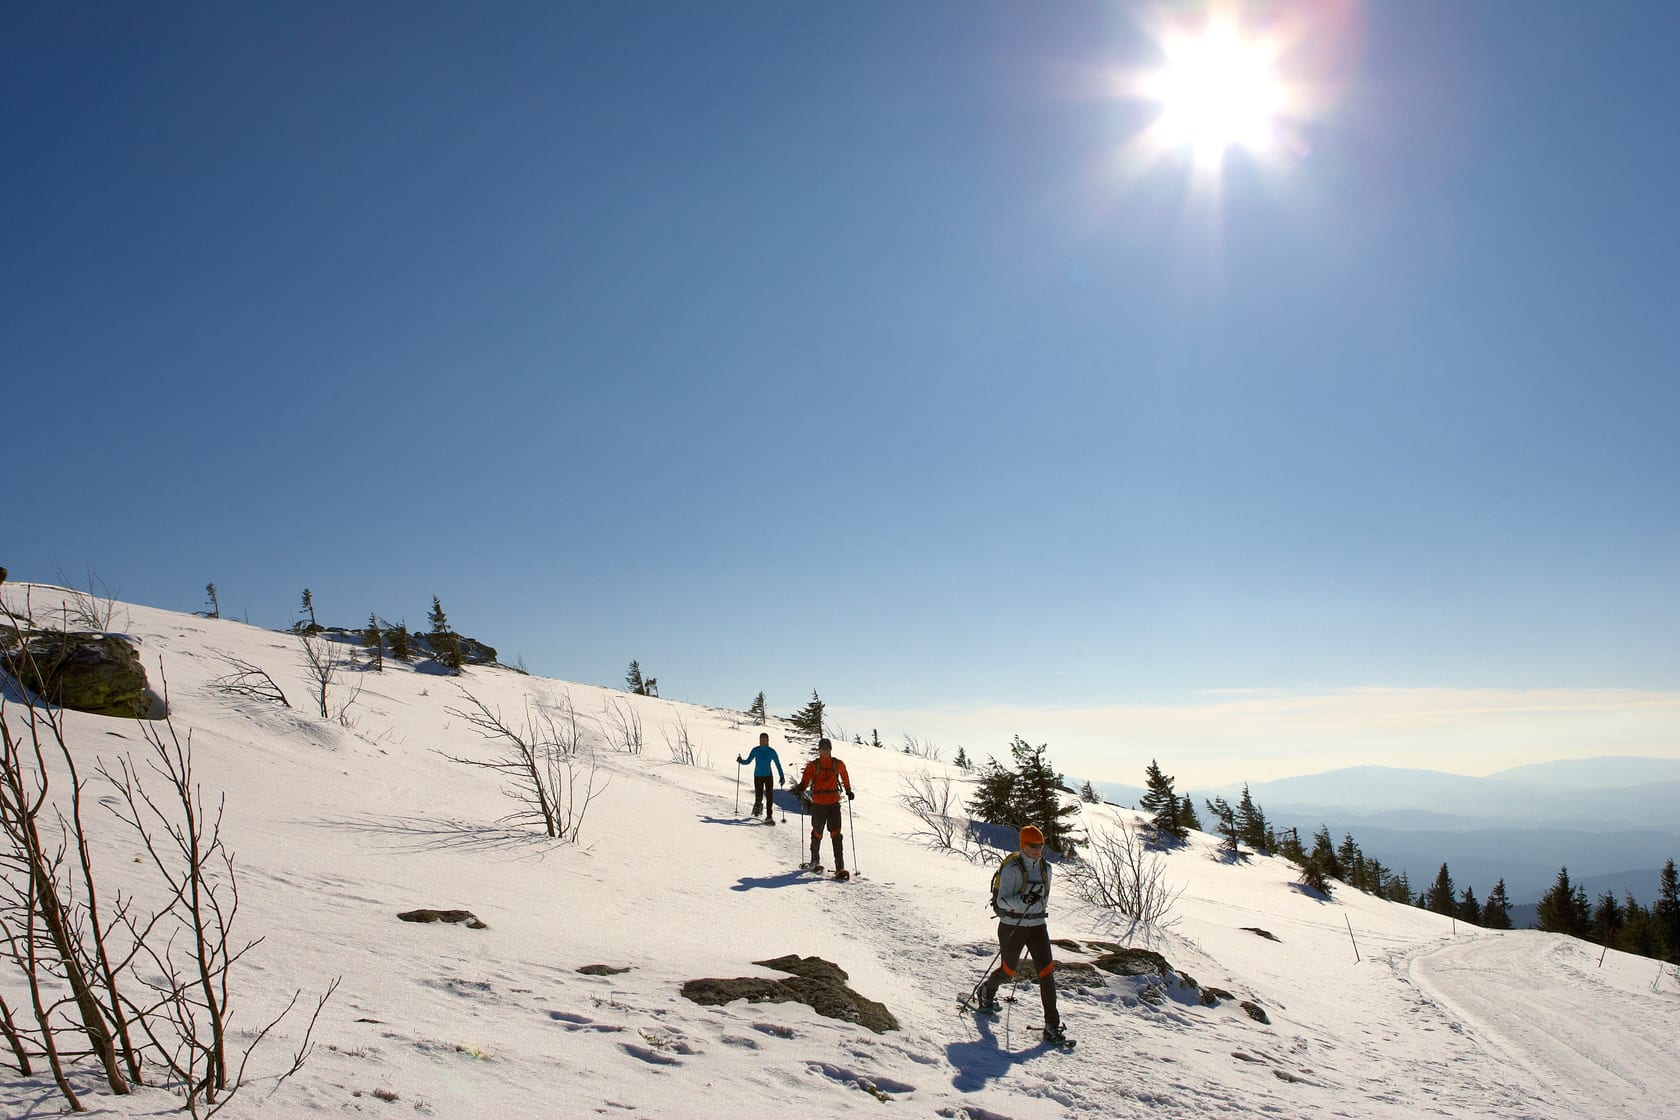 Schneeschuhtouren Bodenmais Winterurlaub Bayerischer Wald